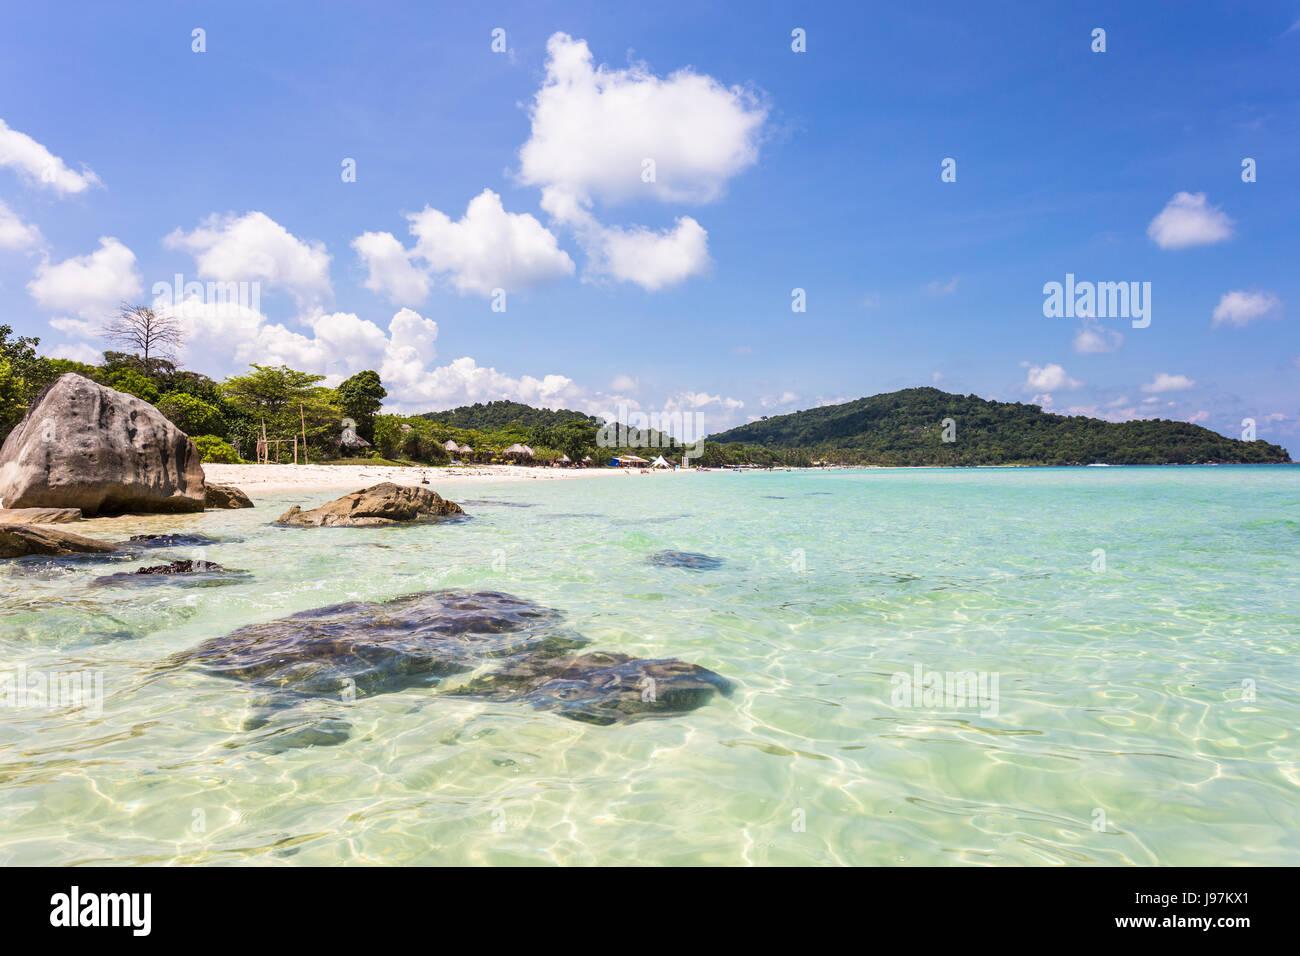 Bai Sao beach idyllique, ce qui signifie le sable blanc, dans la célèbre île de Phu Quoc dans le Photo Stock